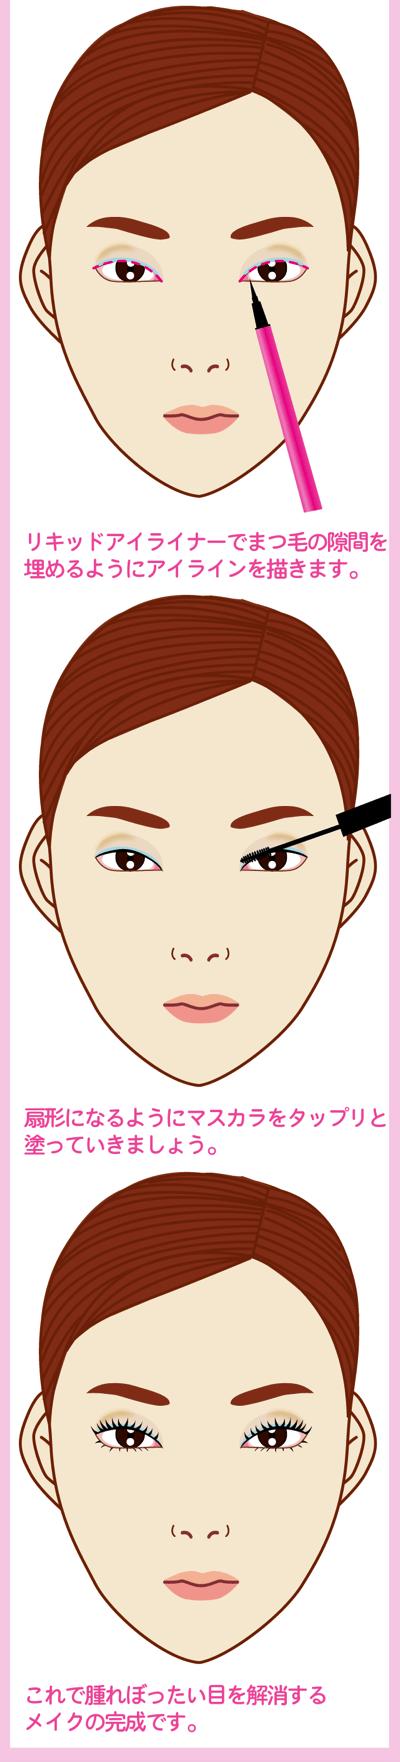 腫れぼったい目を解消するメイクテクでお悩み解消2